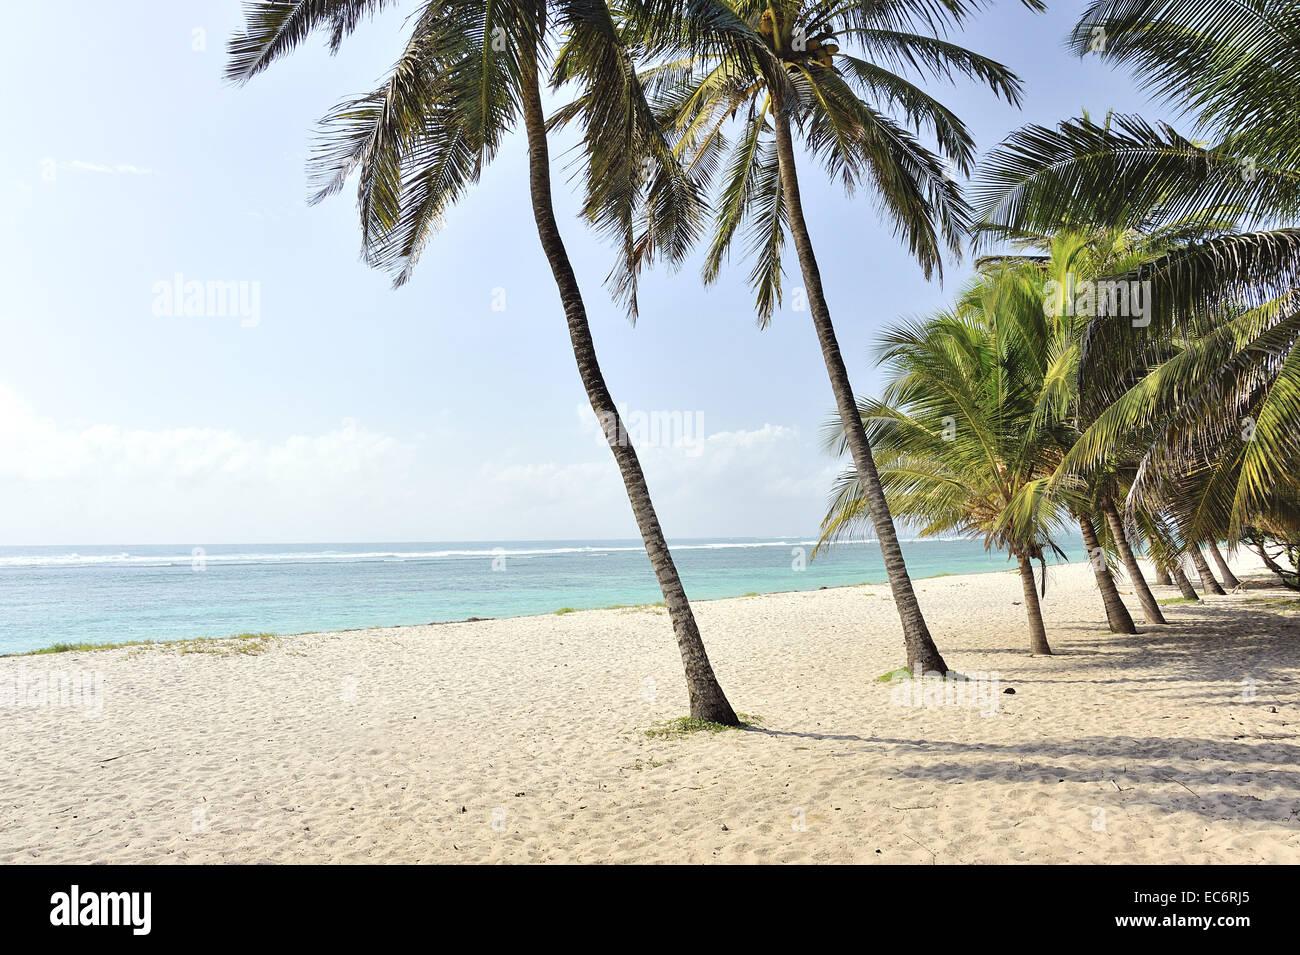 Spiaggia da sogno per rilassare il vostro corpo e la vostra mente Immagini Stock